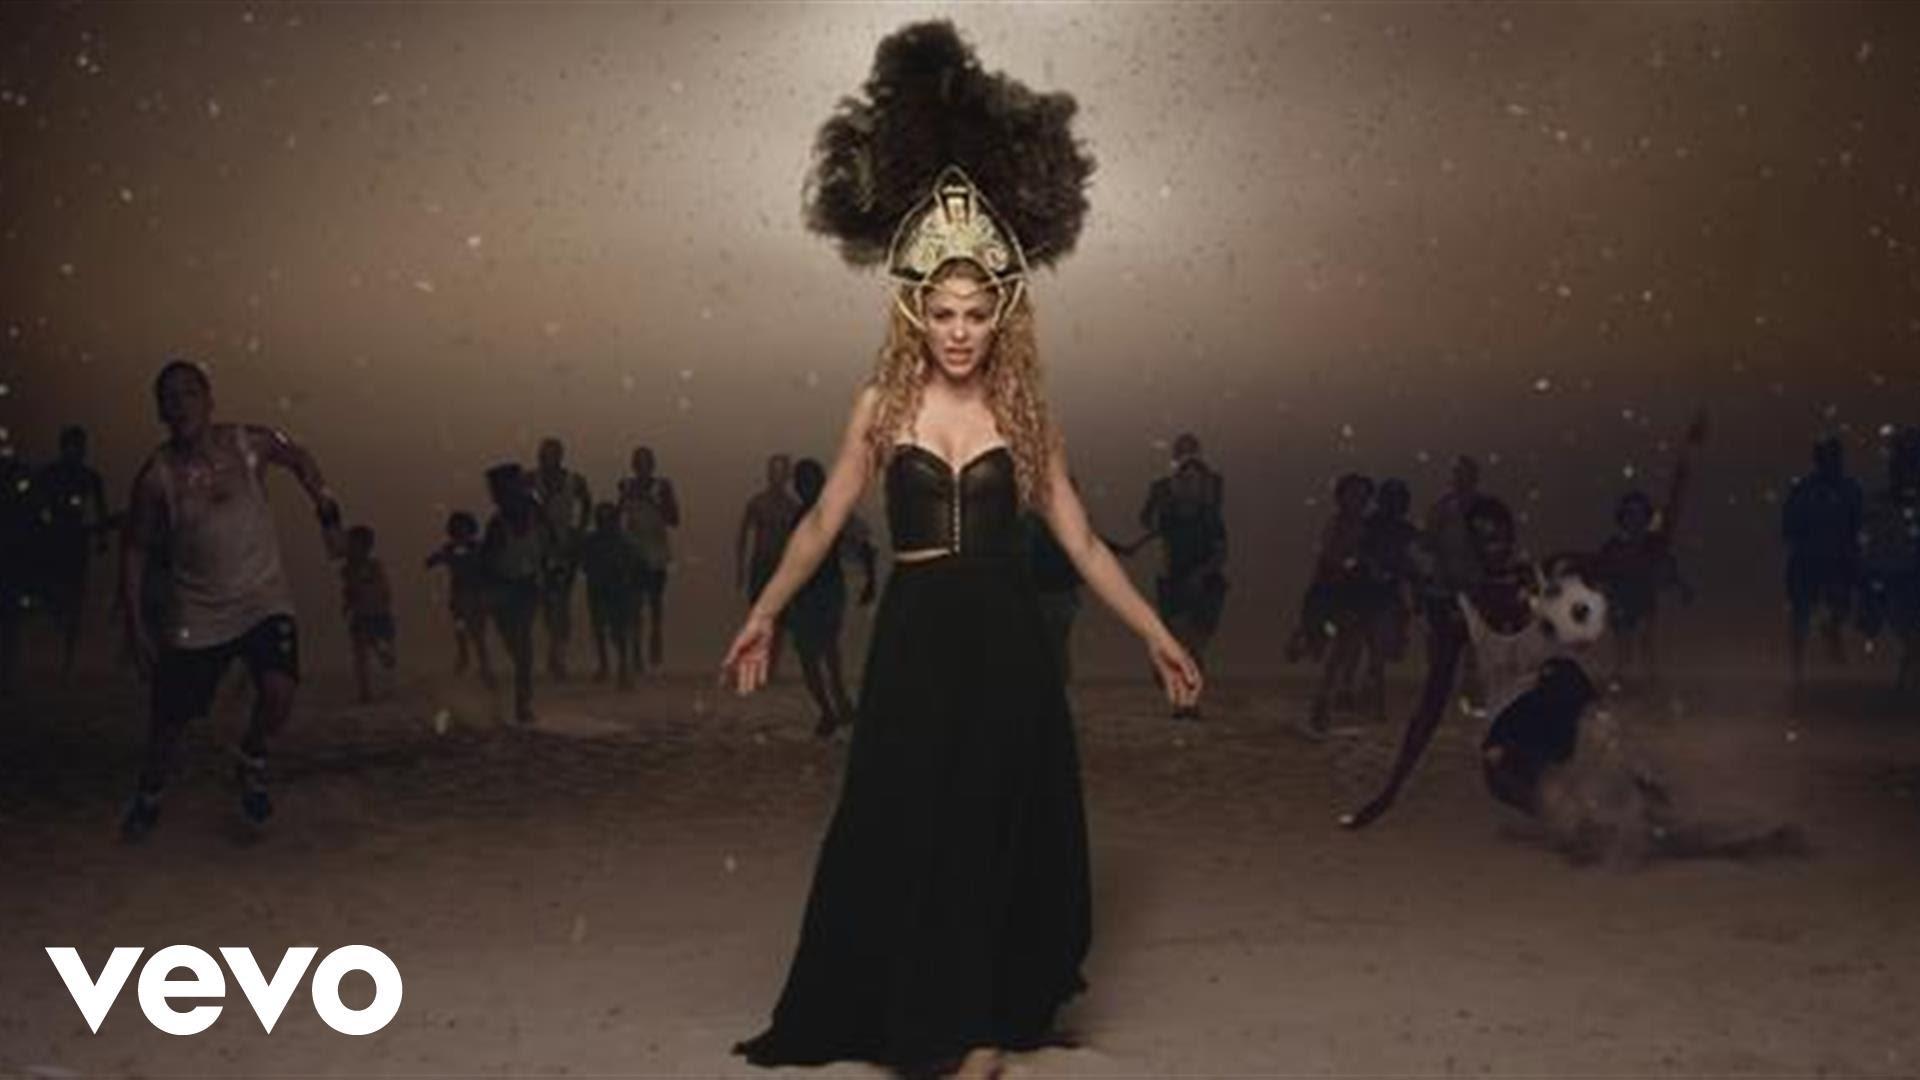 La La La - Shakira ft. Carlinhos Brown